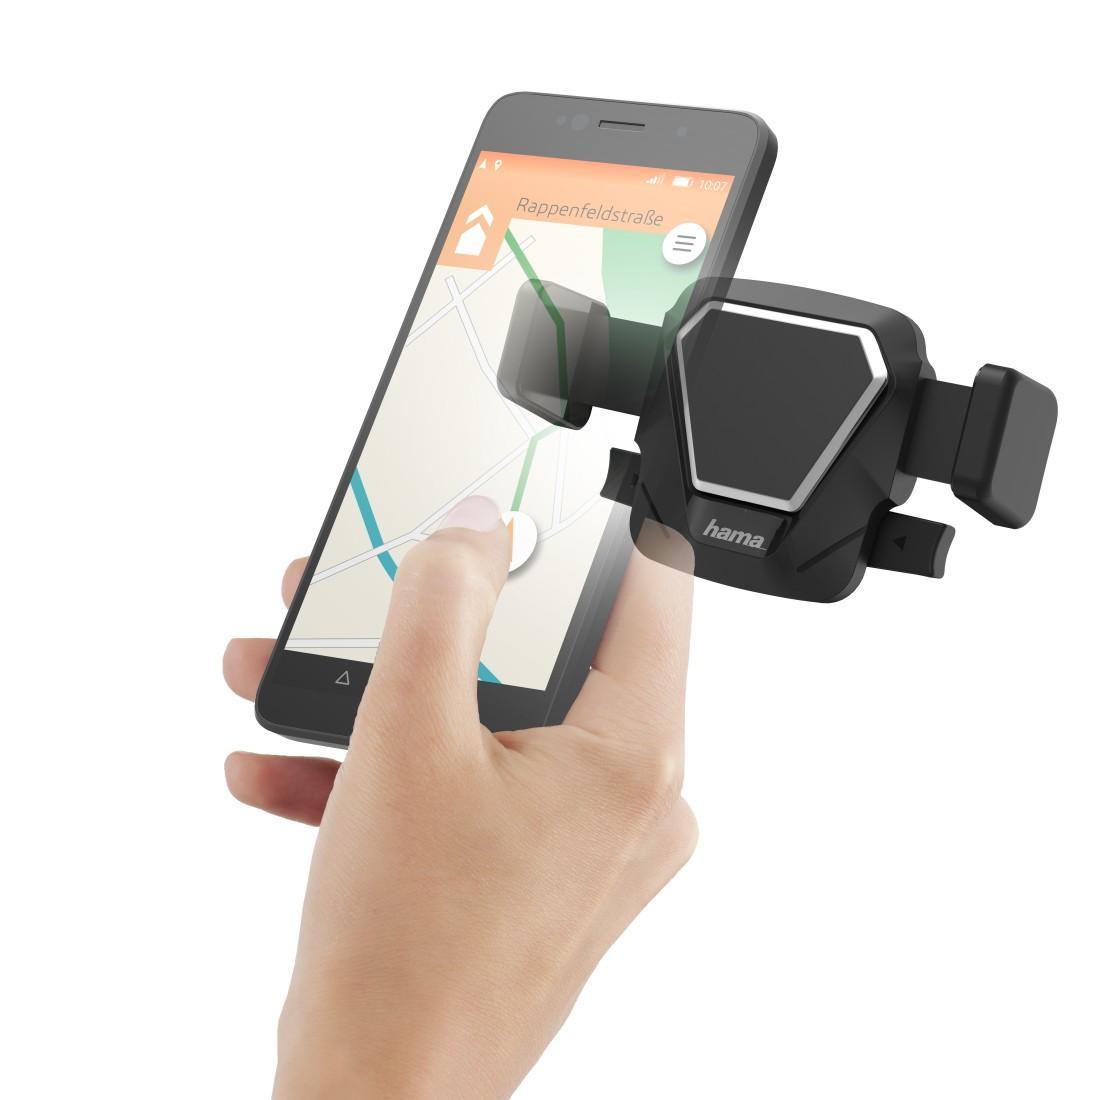 Универсална стойка за кола и стъкло HAMA Comfort, за телефони с размер 5.5 - 8.5 см, Черен